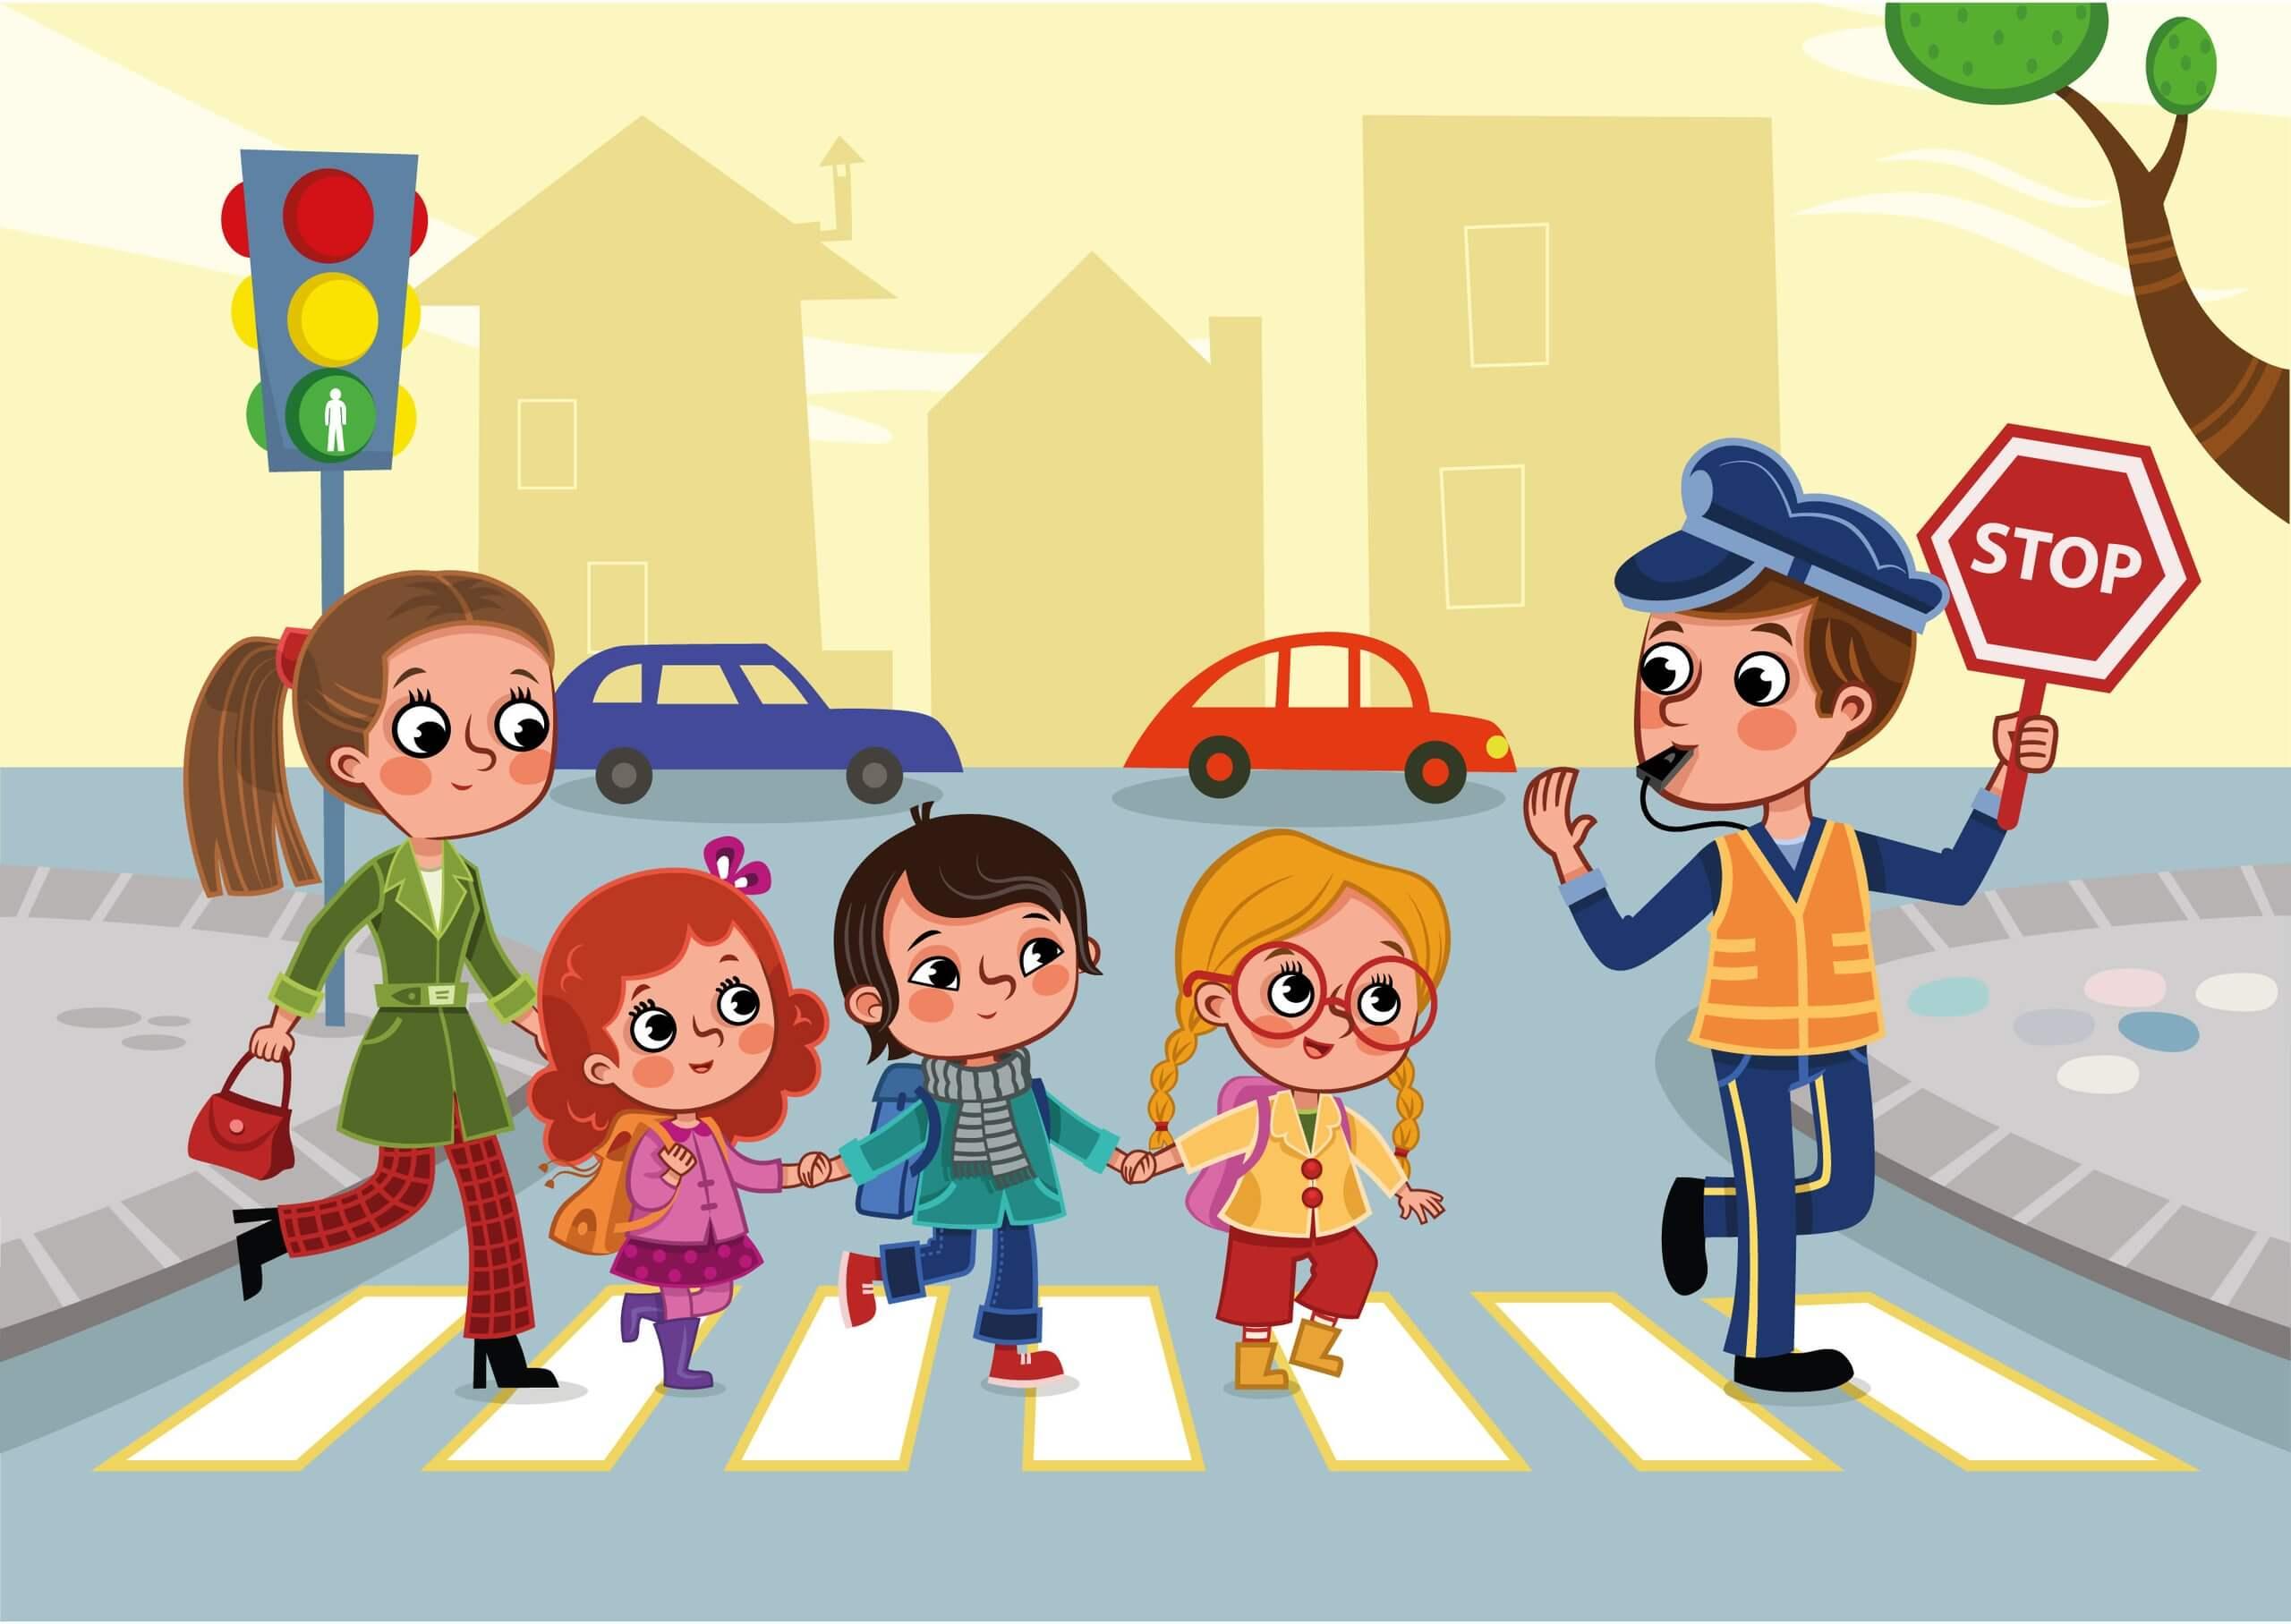 Переходи дорогу безопасно!